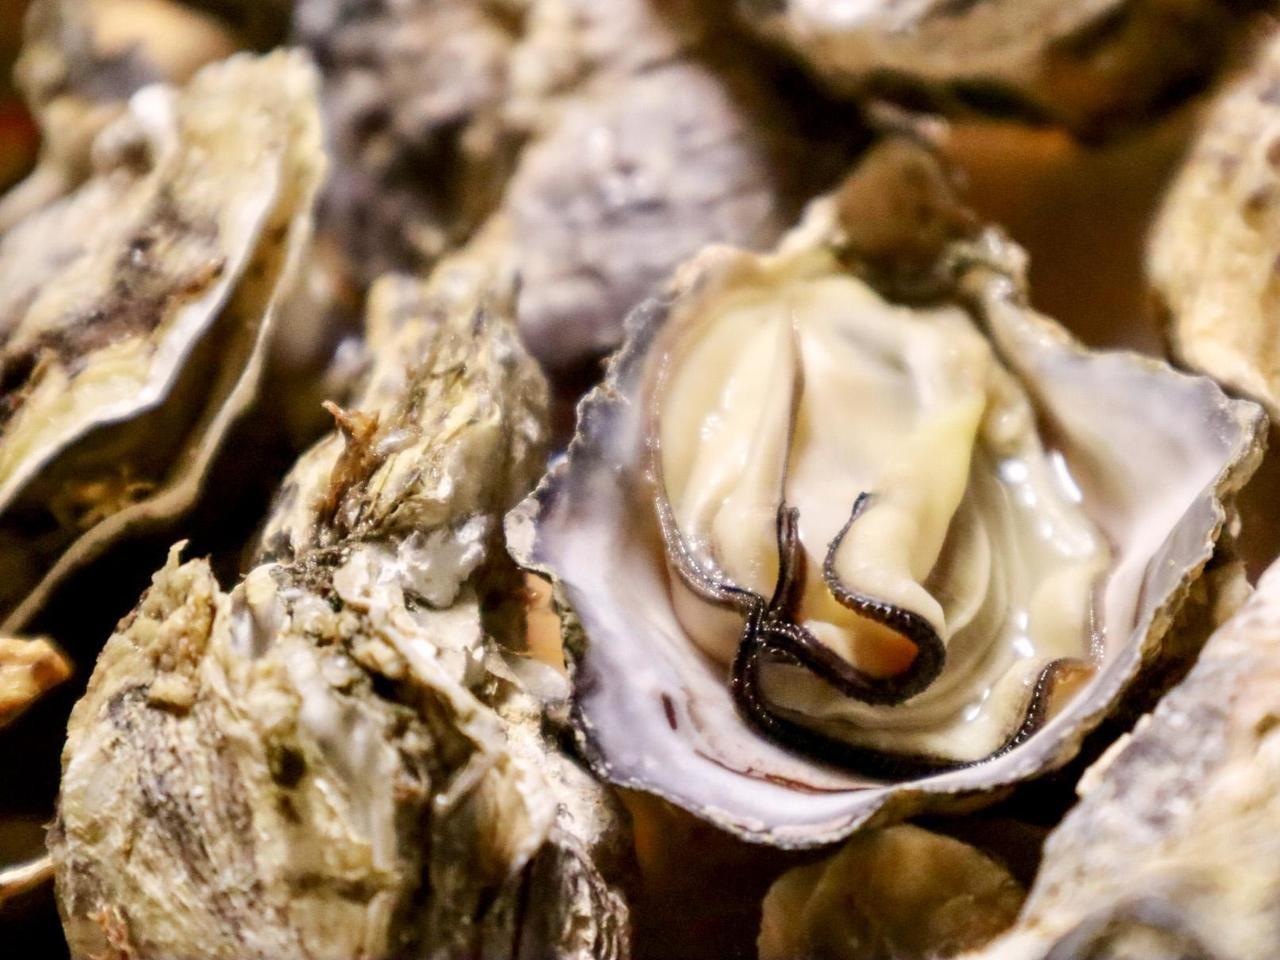 【岡山】牛窓朝市ミニ牡蠣祭り カキ汁の無料配布あり【2020年2月】